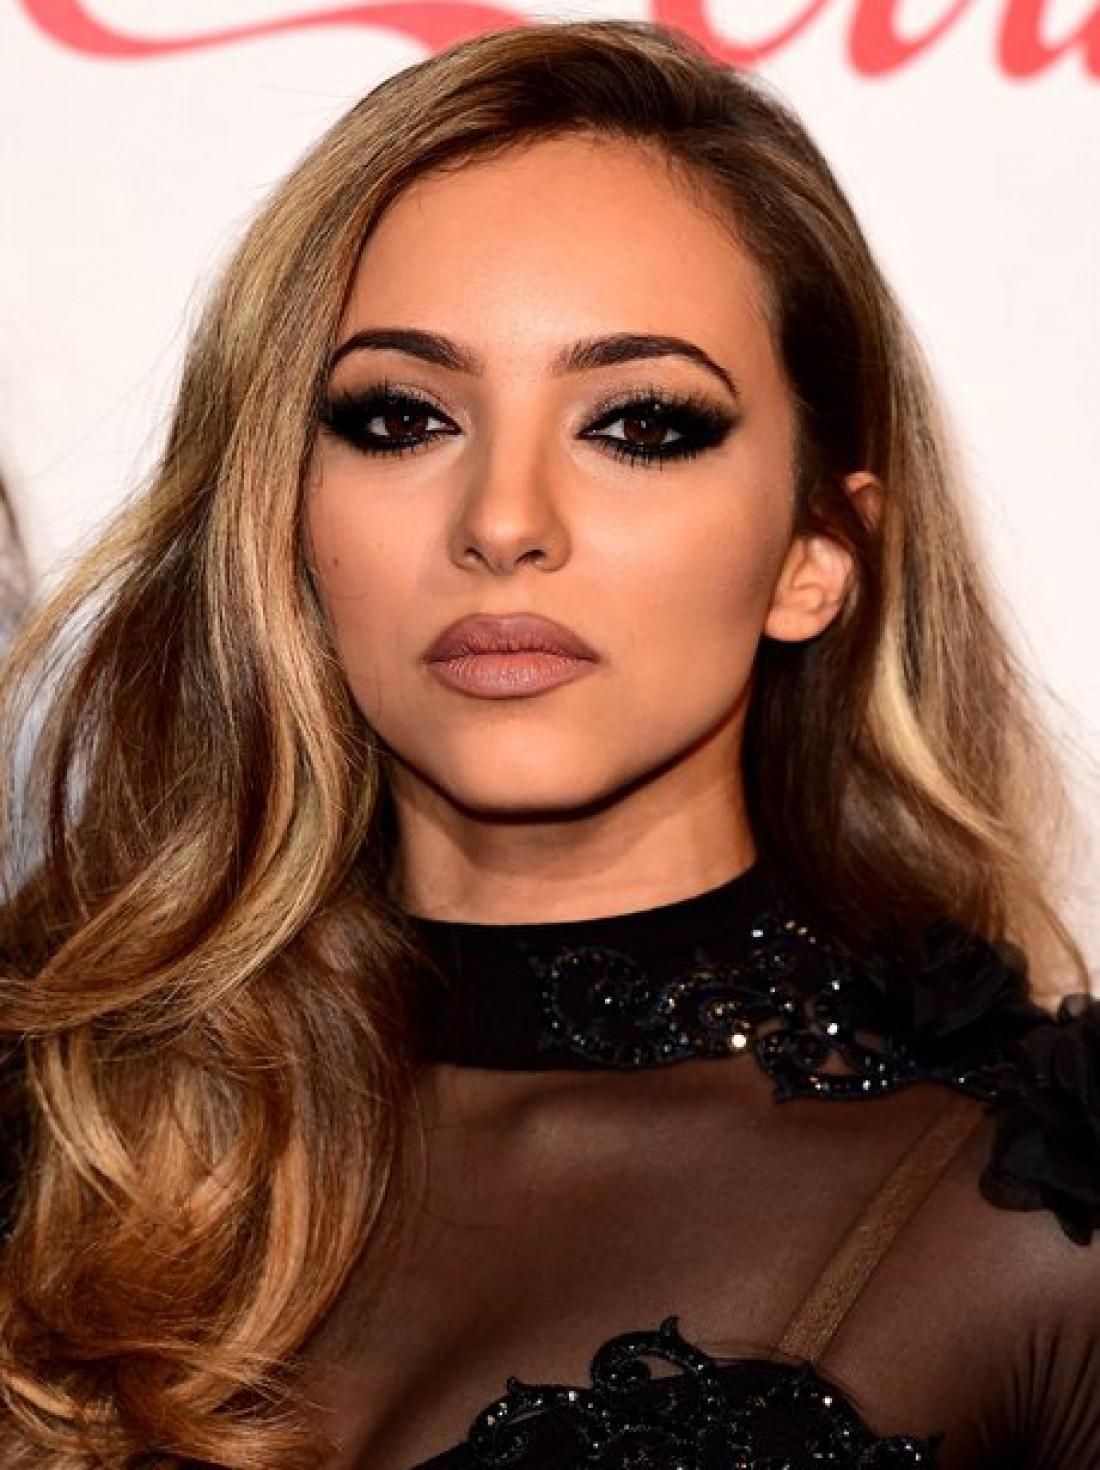 Солистка группы Little Mix Джейд Амелия Ферволл